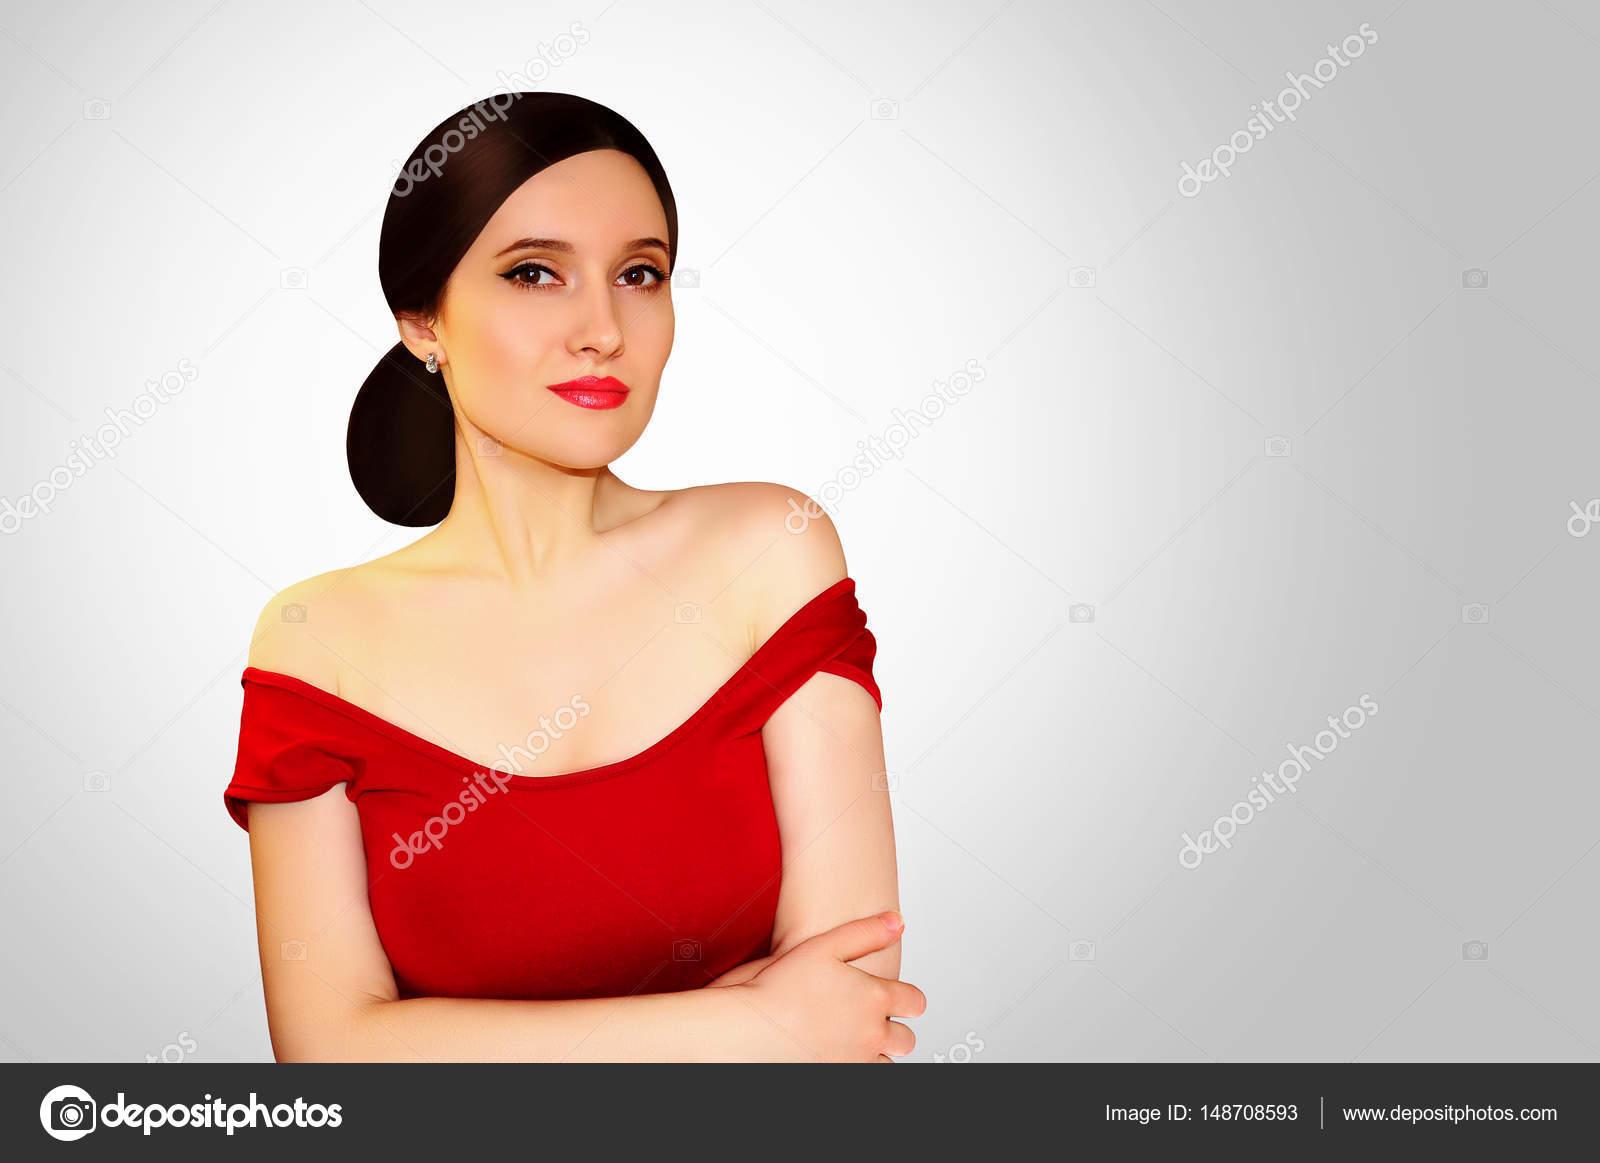 153b828fc64 Όμορφο κορίτσι σε ένα κόκκινο φόρεμα με γυμνούς ώμους και κόκκινο κραγιόν  στο ανοιχτό γκρι φόντο — Εικόνα από ...